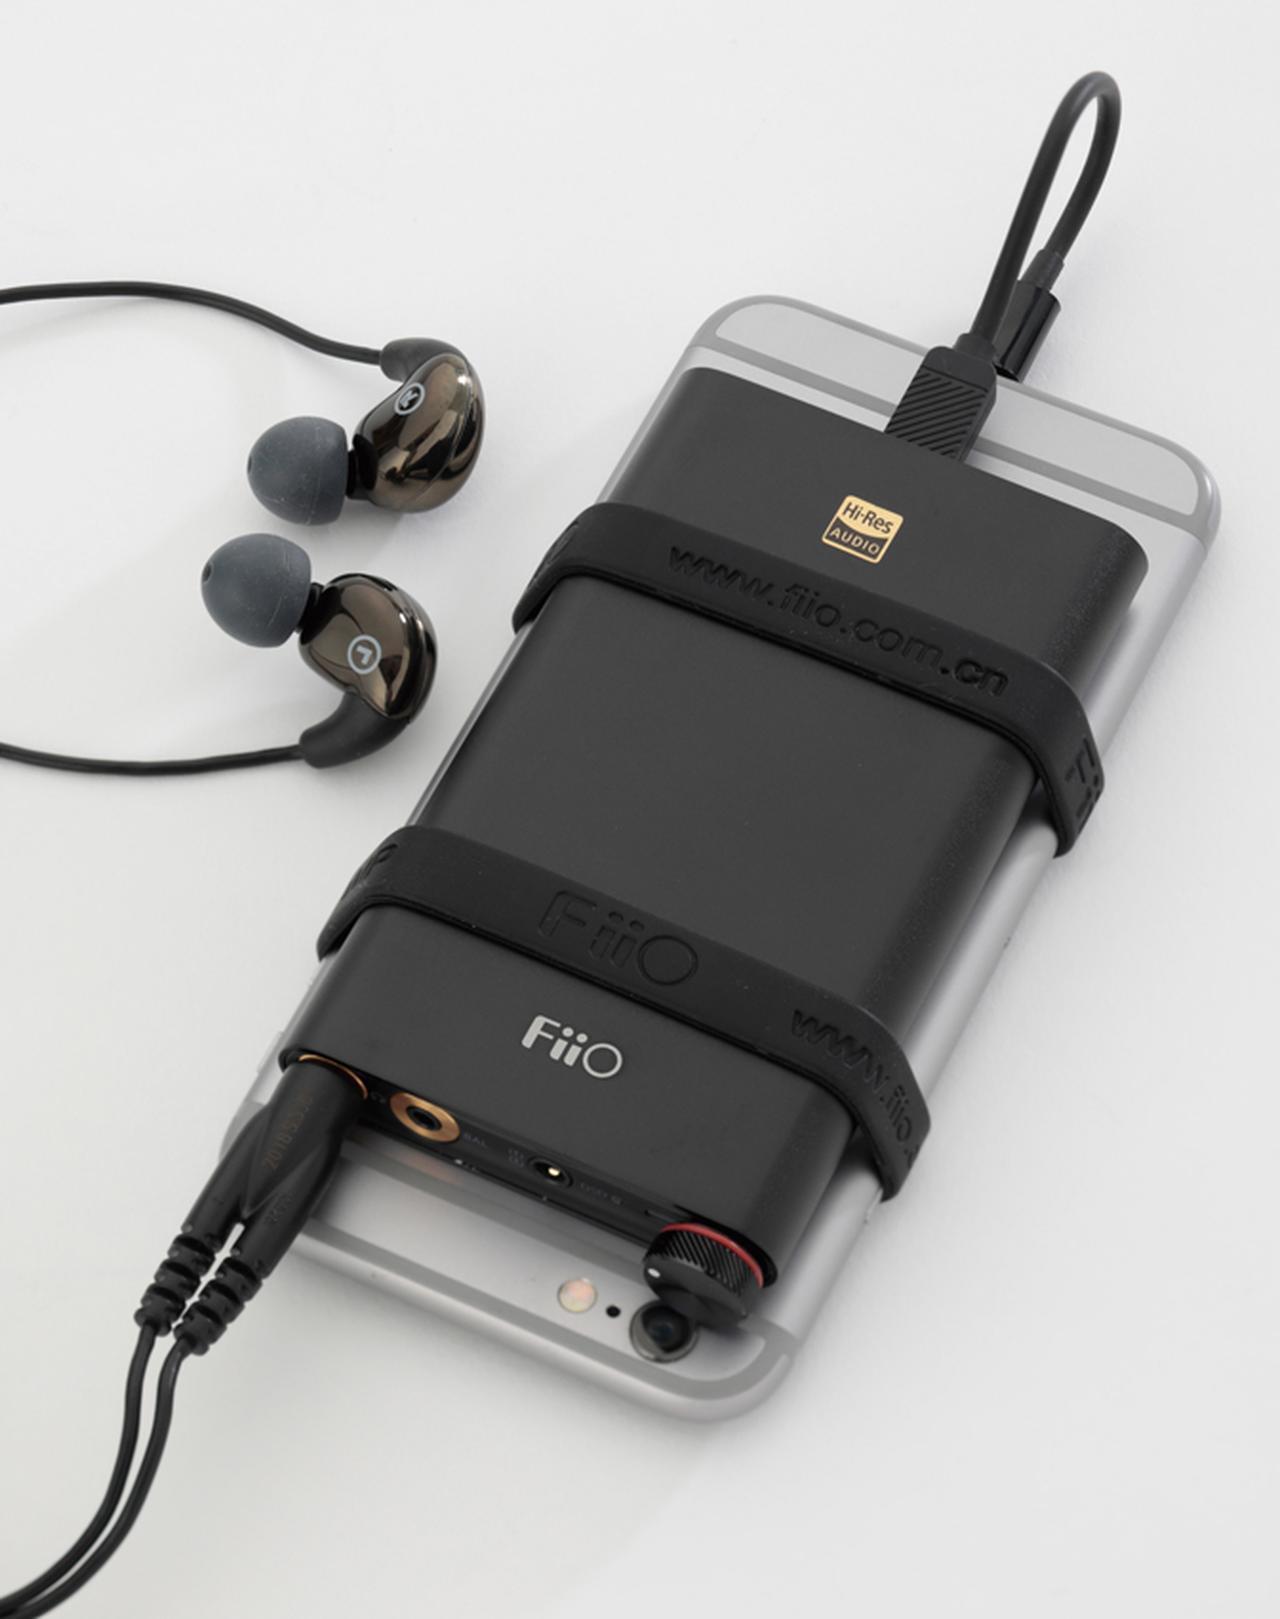 画像: ポタアンの持ち運びがしやすいよう、Q1 Mark IIのようにスマホとまとめる専用バンドが付属する製品もある。本機は、バランス接続(2.5ミリ)にも対応。